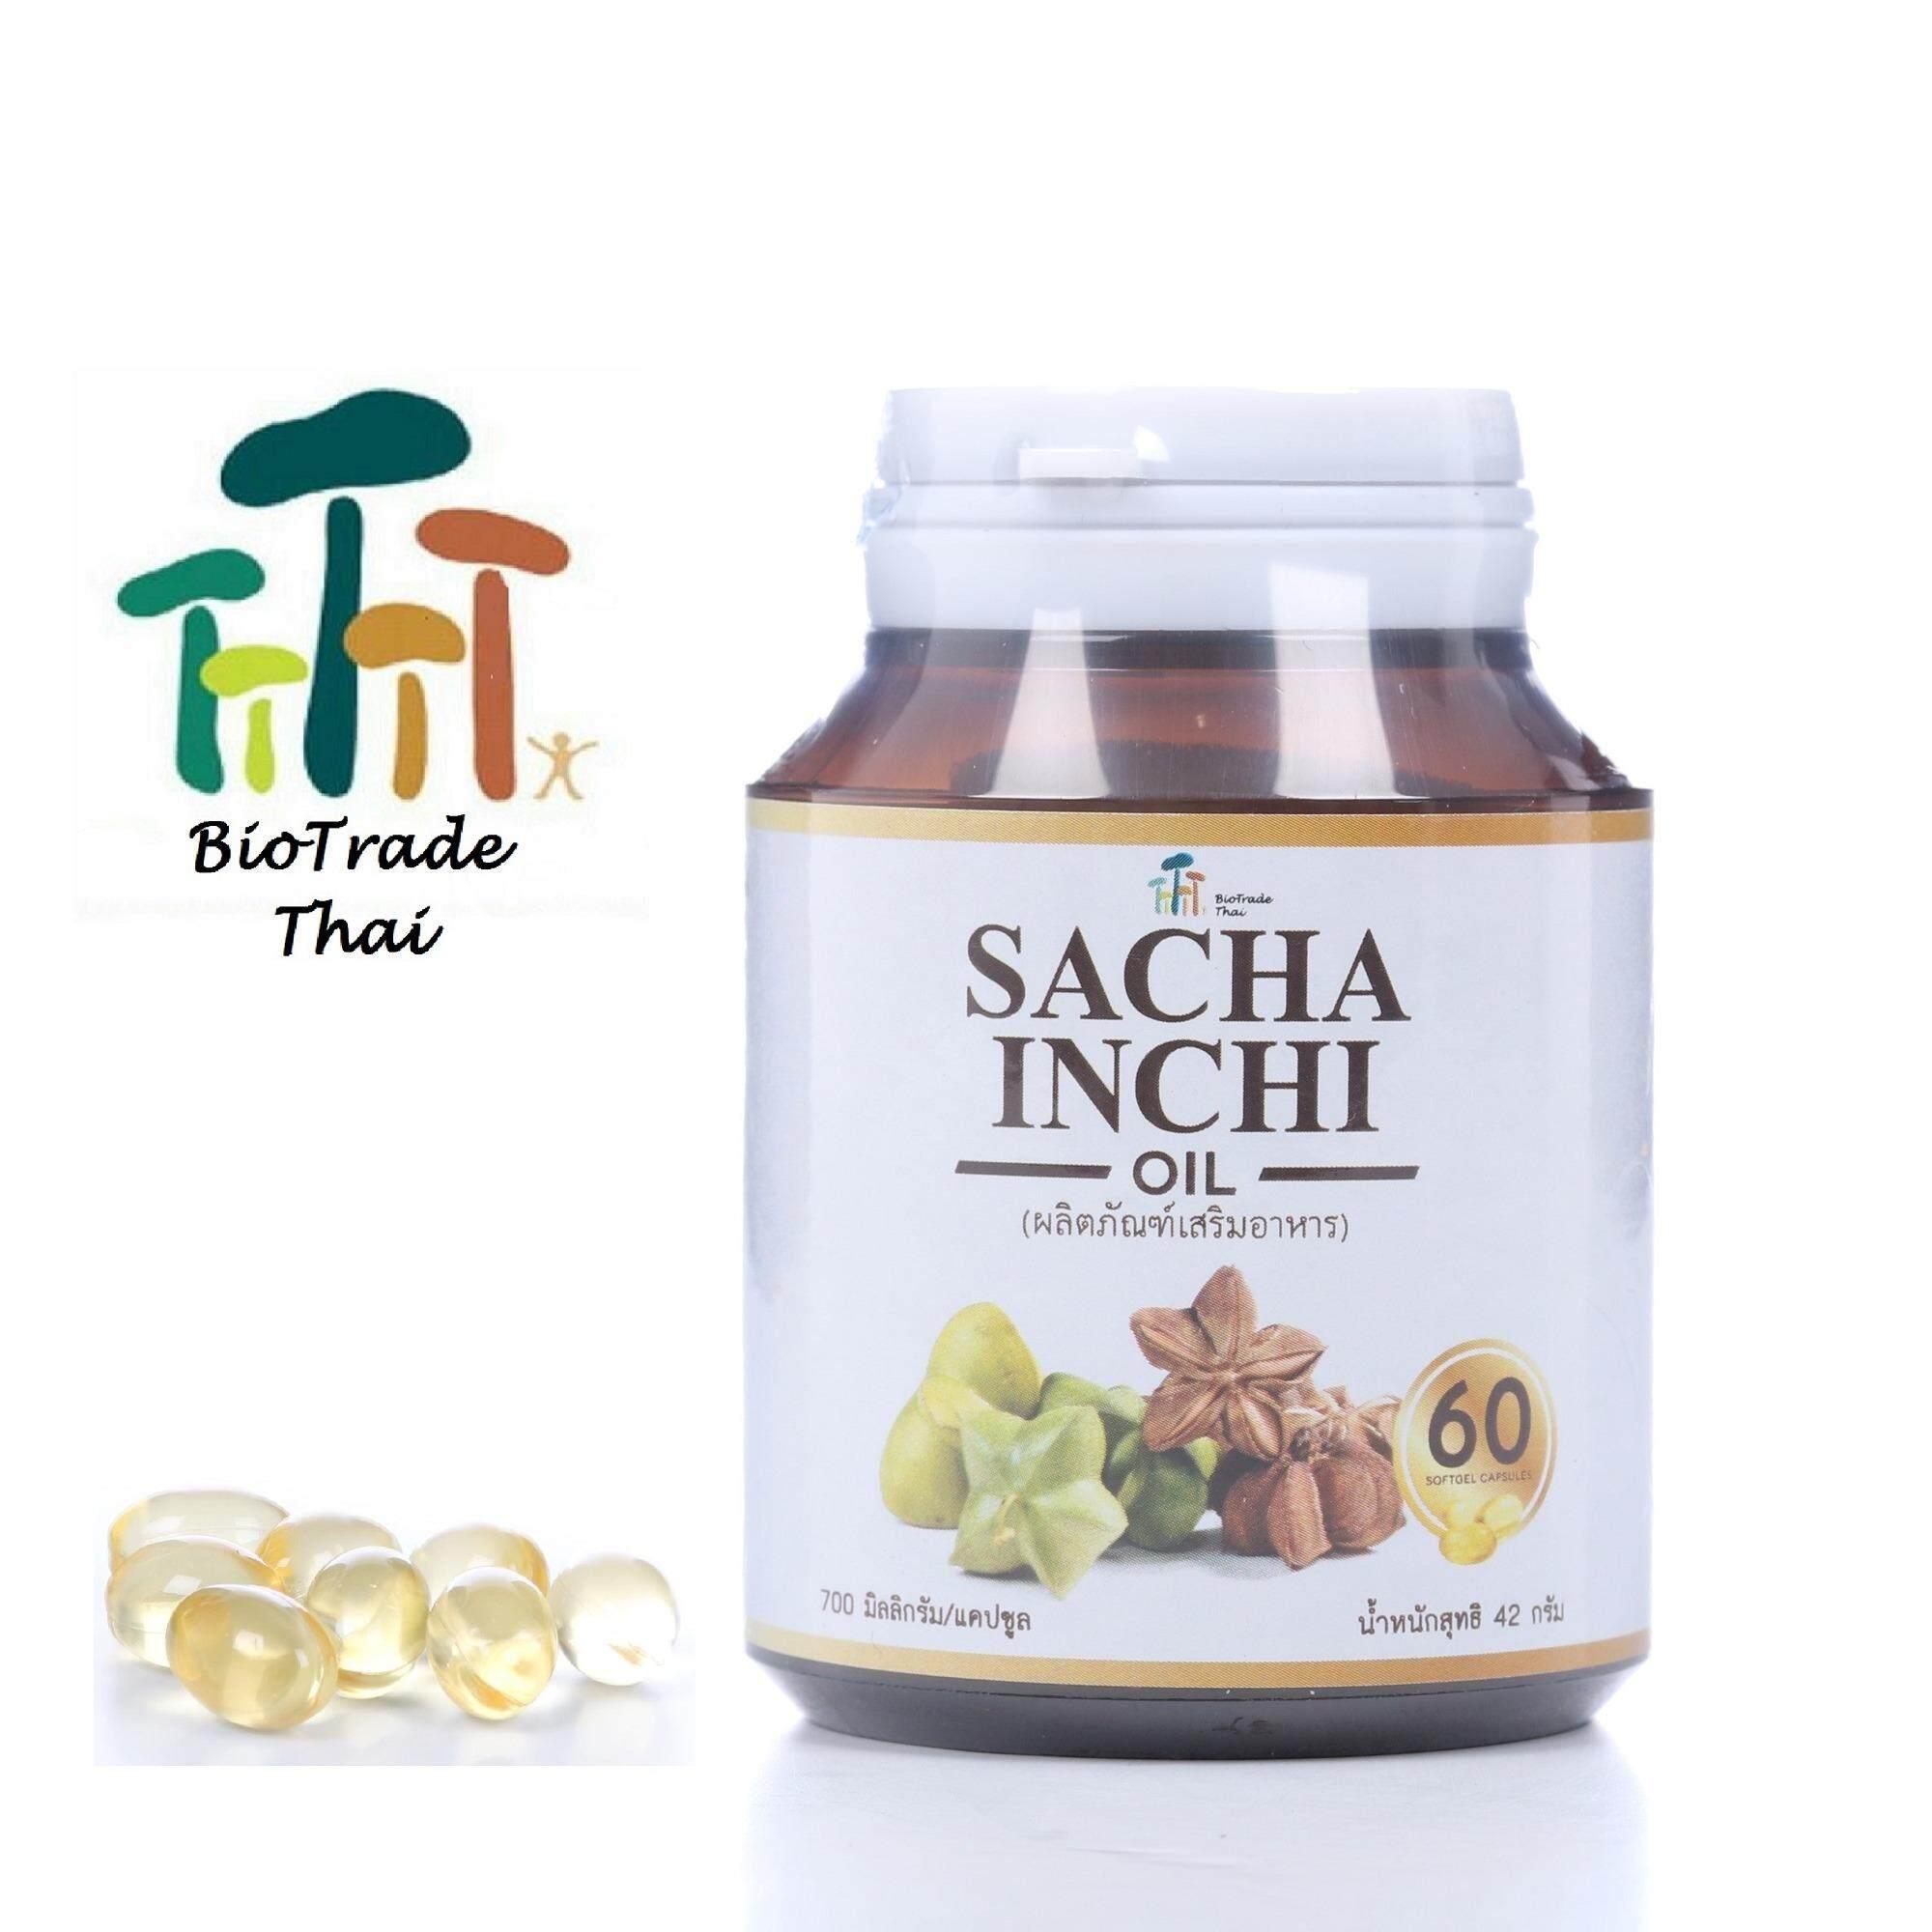 ความคิดเห็น น้ำมันถั่วดาวอินคา สกัดเย็น 1 ขวด 60 แคปซูล เจล 1 Bottle Of 60 Sacha Inchi Oil In Soft Gel Cold Pressed Sachainchi Tua Dao Inca น้ำมันถั่วดาวอินคา 60 แคปซูล